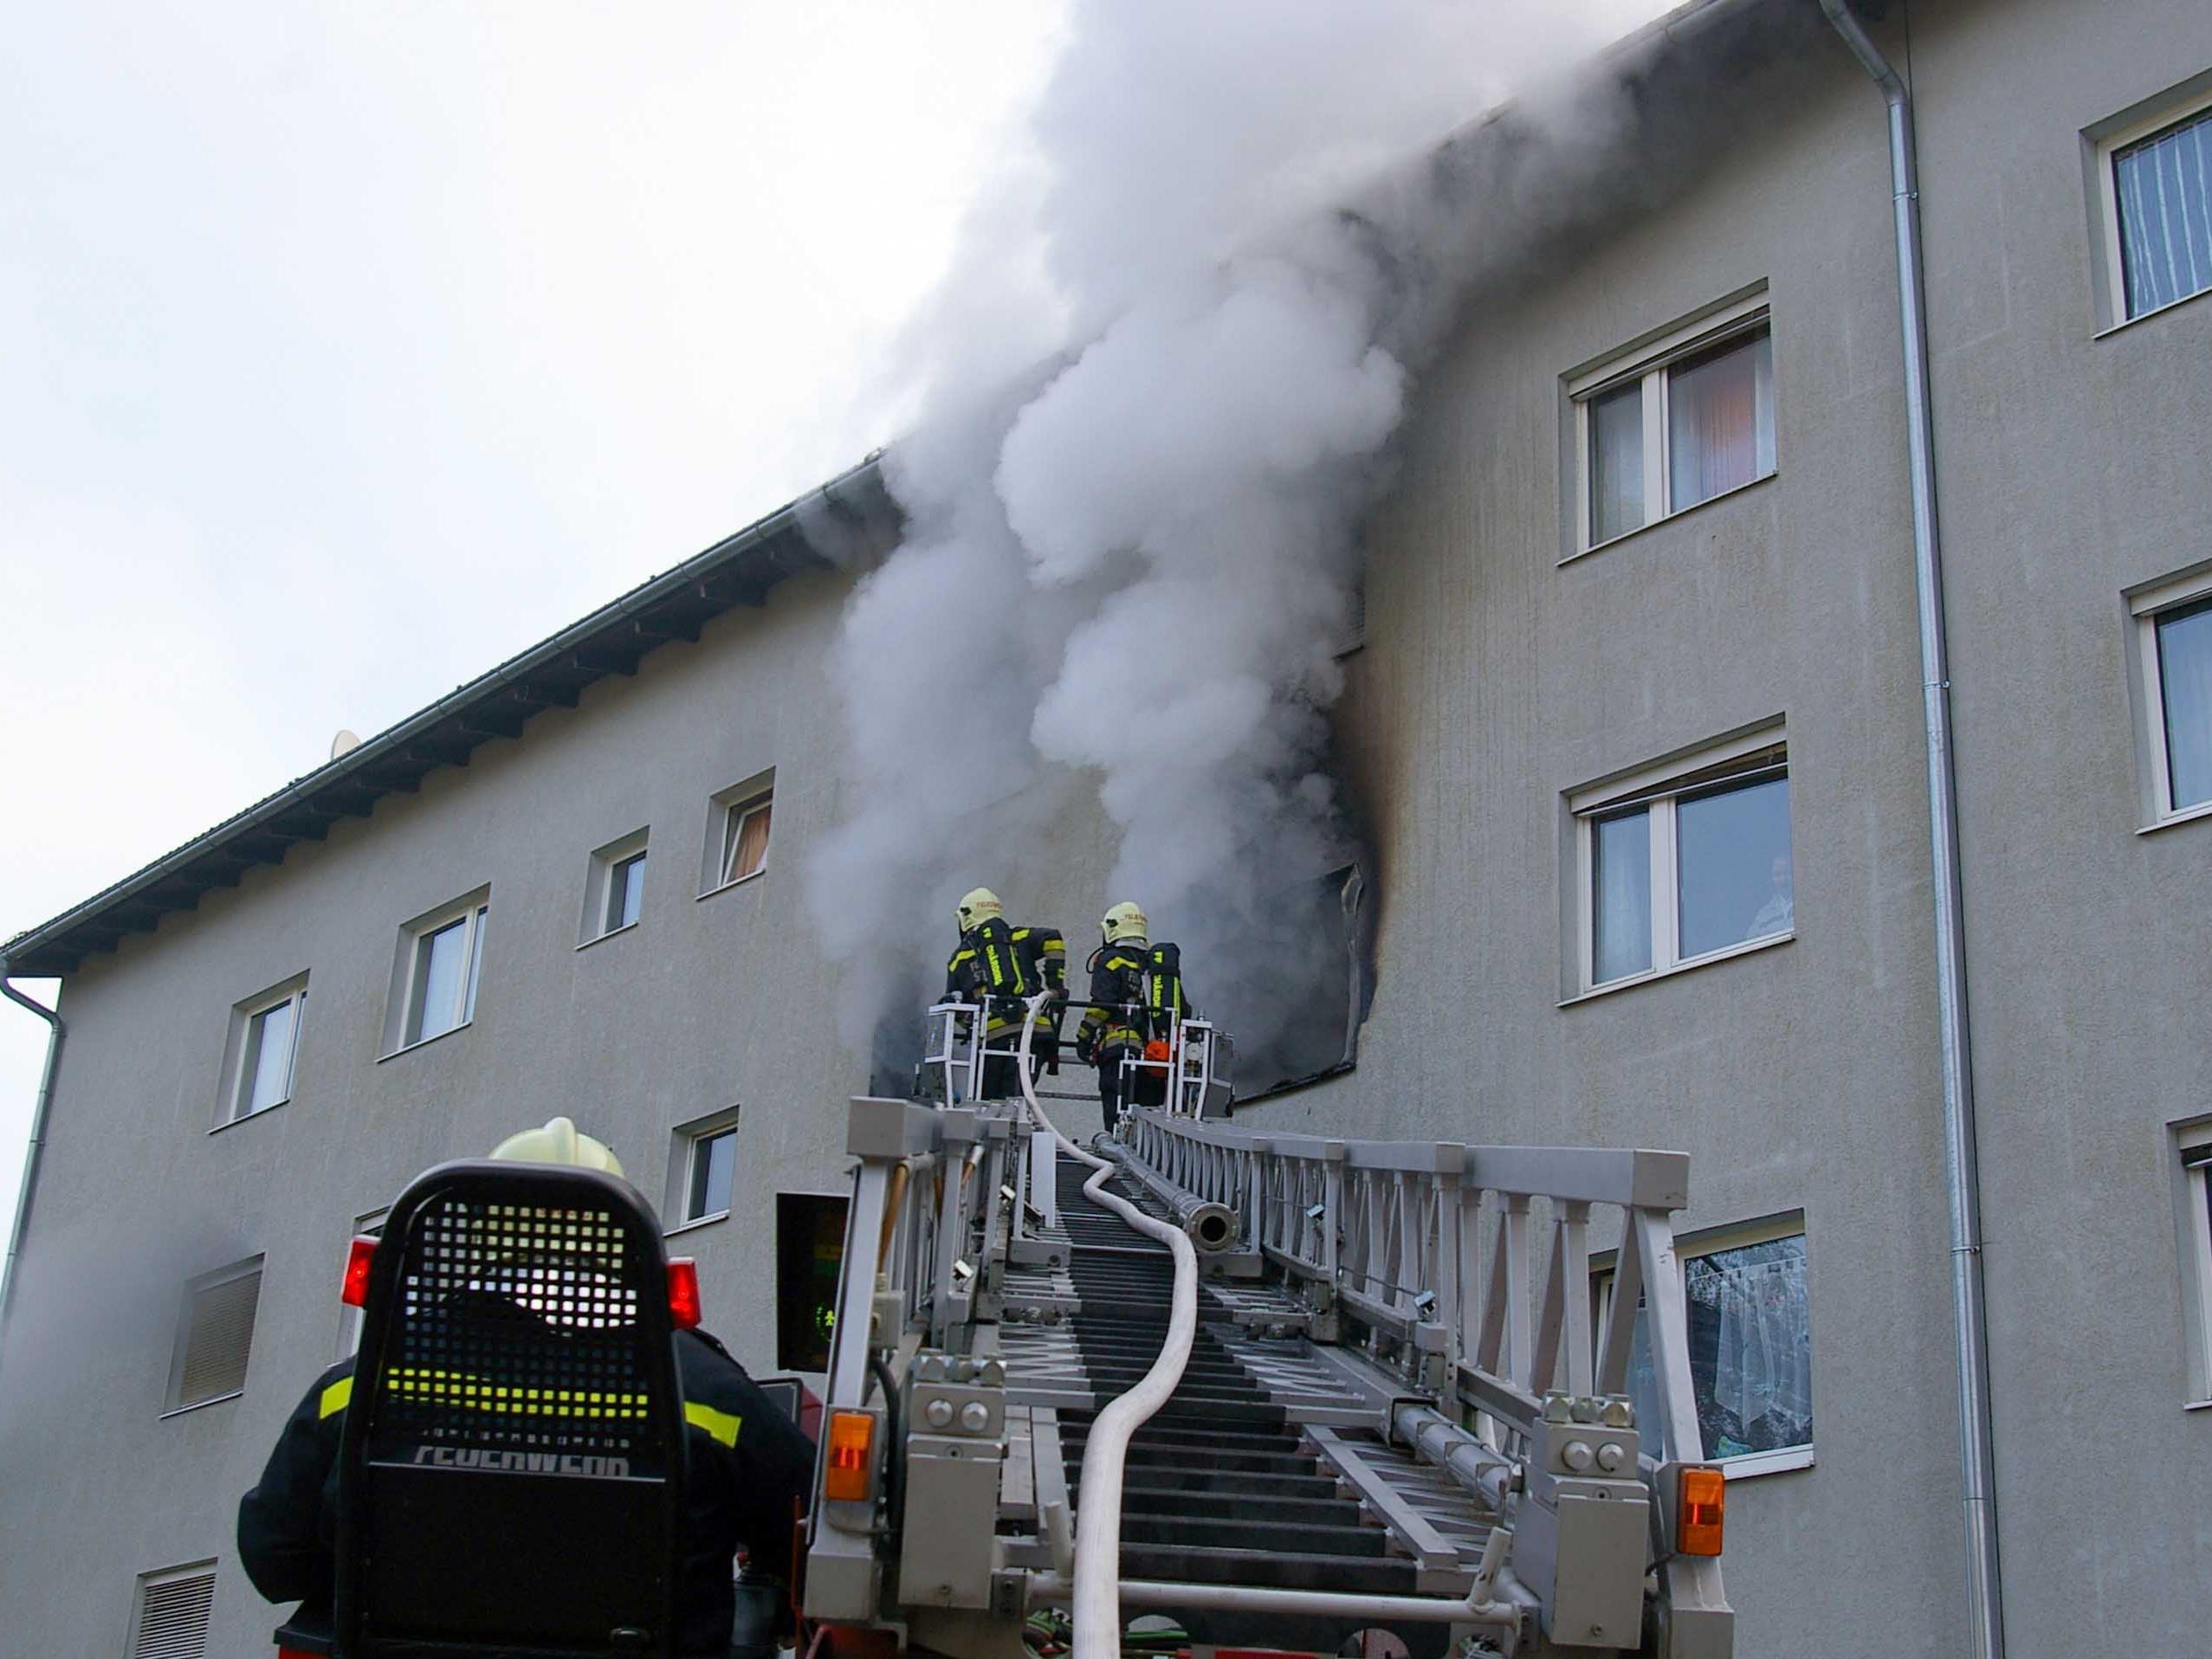 In Gerasdorf bei Wien ist Mittwochfrüh ein Wohnhaus in Brand gestanden